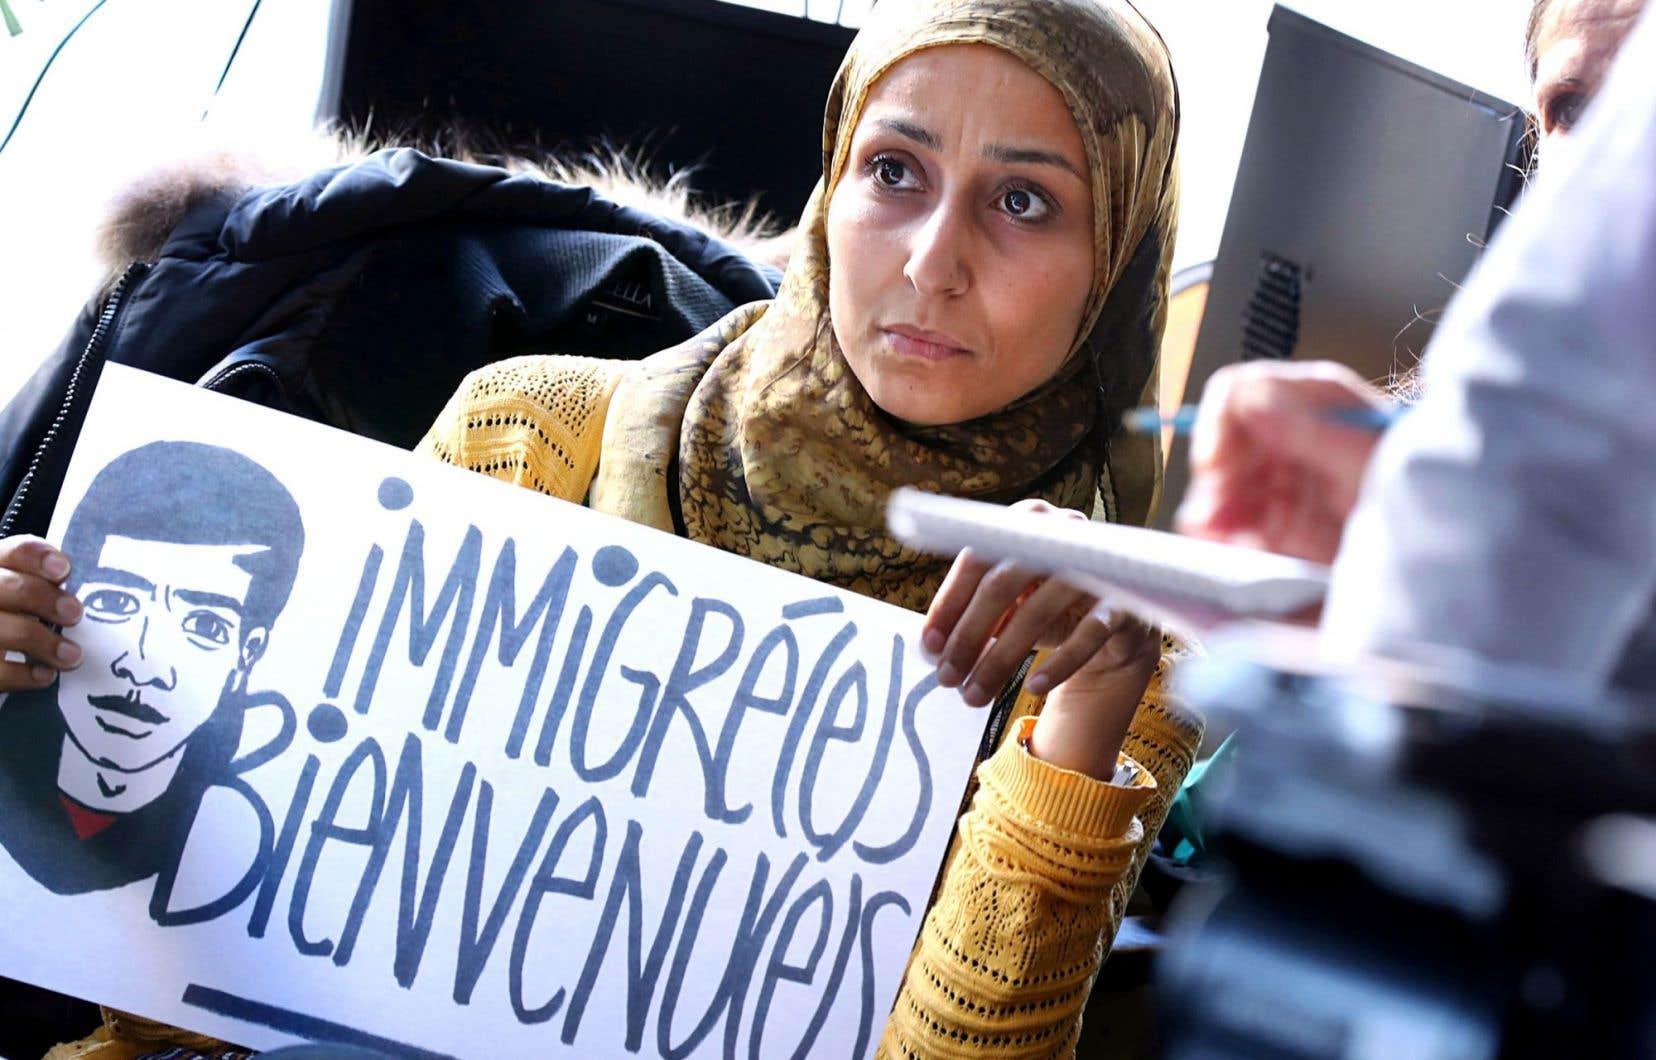 Elles sont une minorité très visible à porter le voile au Québec et, pourtant, on ne voit qu'elles lorsqu'il est question de musulmanes et d'islam dans les médias. Stigmatisées, instrumentalisées et pas nécessairement les bienvenues.